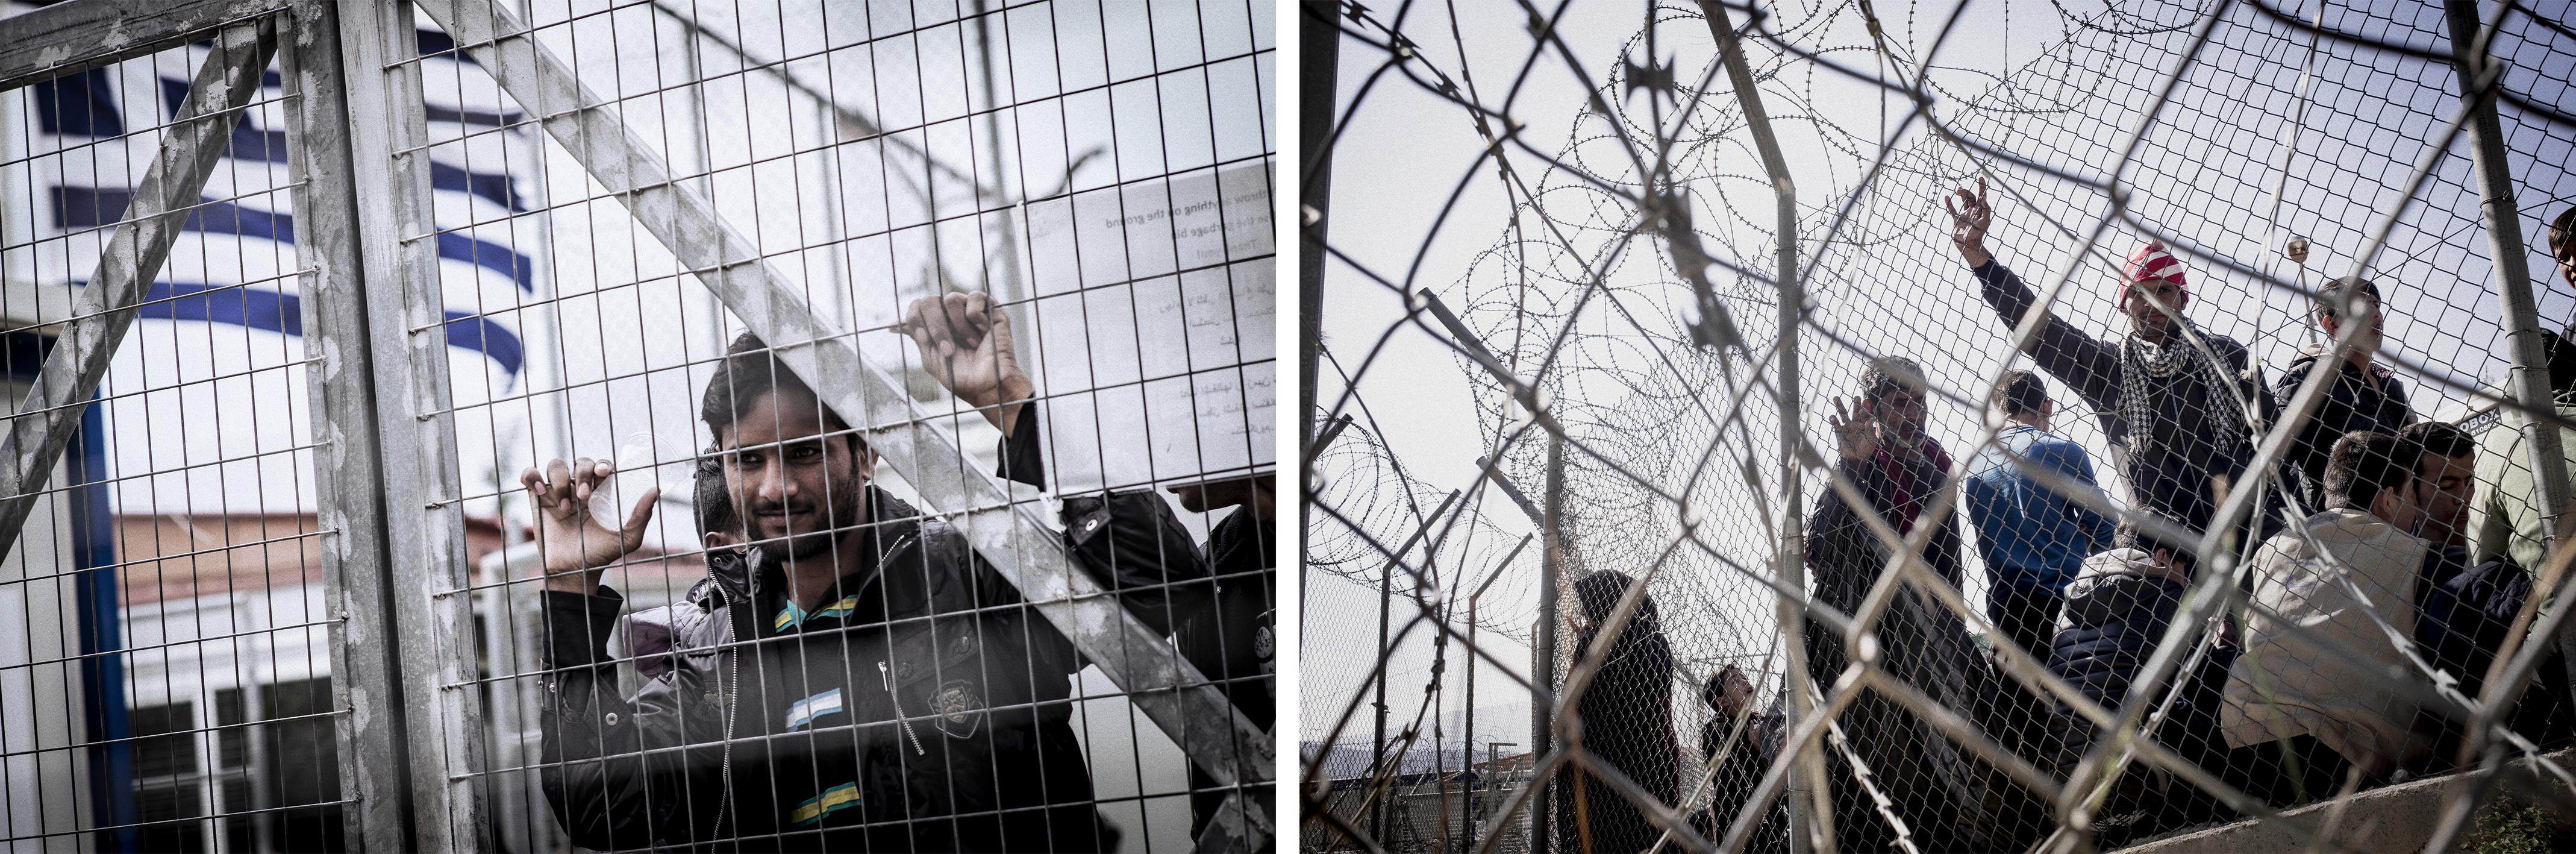 Depuis l'accord entre l'UE et la Turquie, la Grèce a transformé les camps de réfugiés en camps de détention, mars 2016. ©Guillaume Binet/MYOP